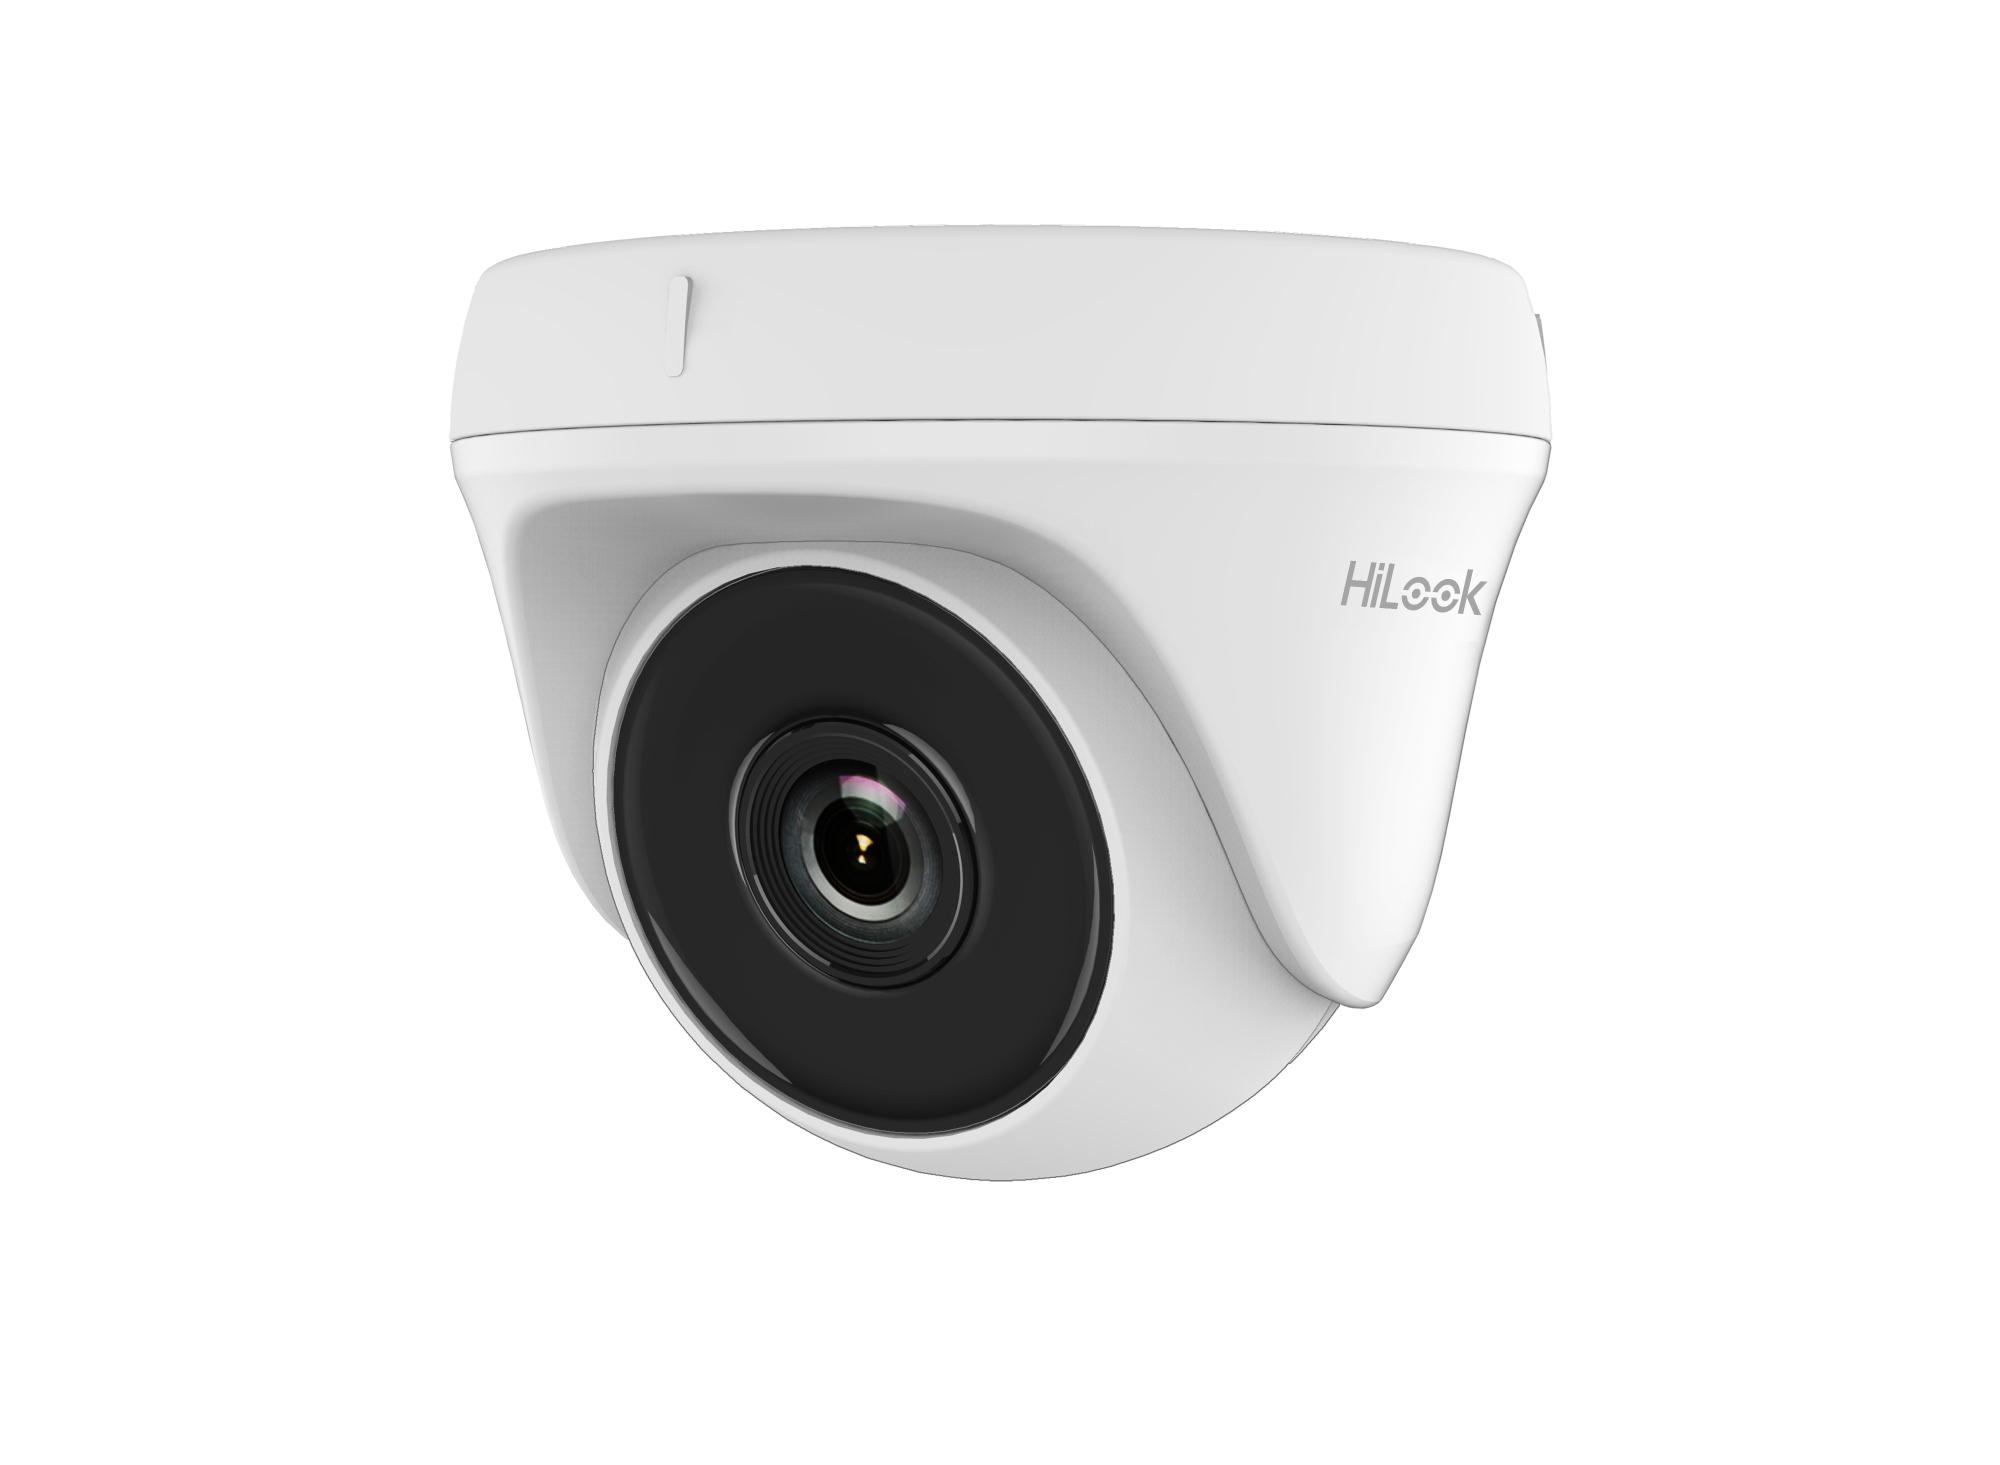 THC-T140-M CCTV SECURITY CAMERA INTERIOR Y EXTERIOR BLANCO 2560 X 1440PIXELES CáMARA DE VIGILANCIA